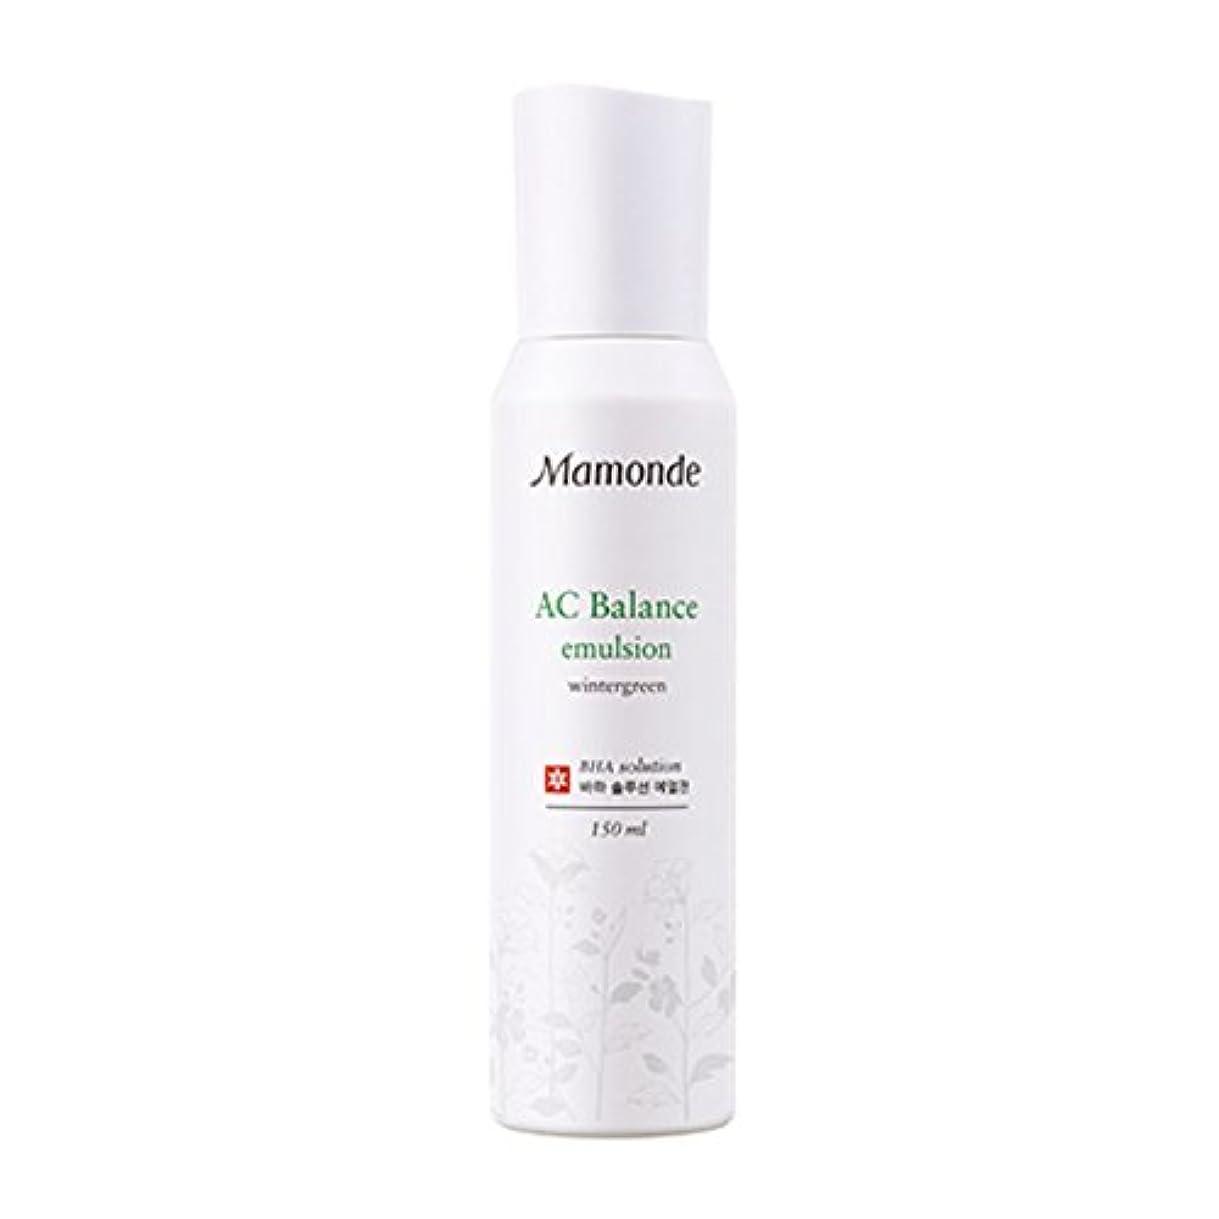 ストリップピルにもかかわらず[New] Mamonde AC Balance Emulsion 150ml/マモンド AC バランス エマルジョン 150ml [並行輸入品]